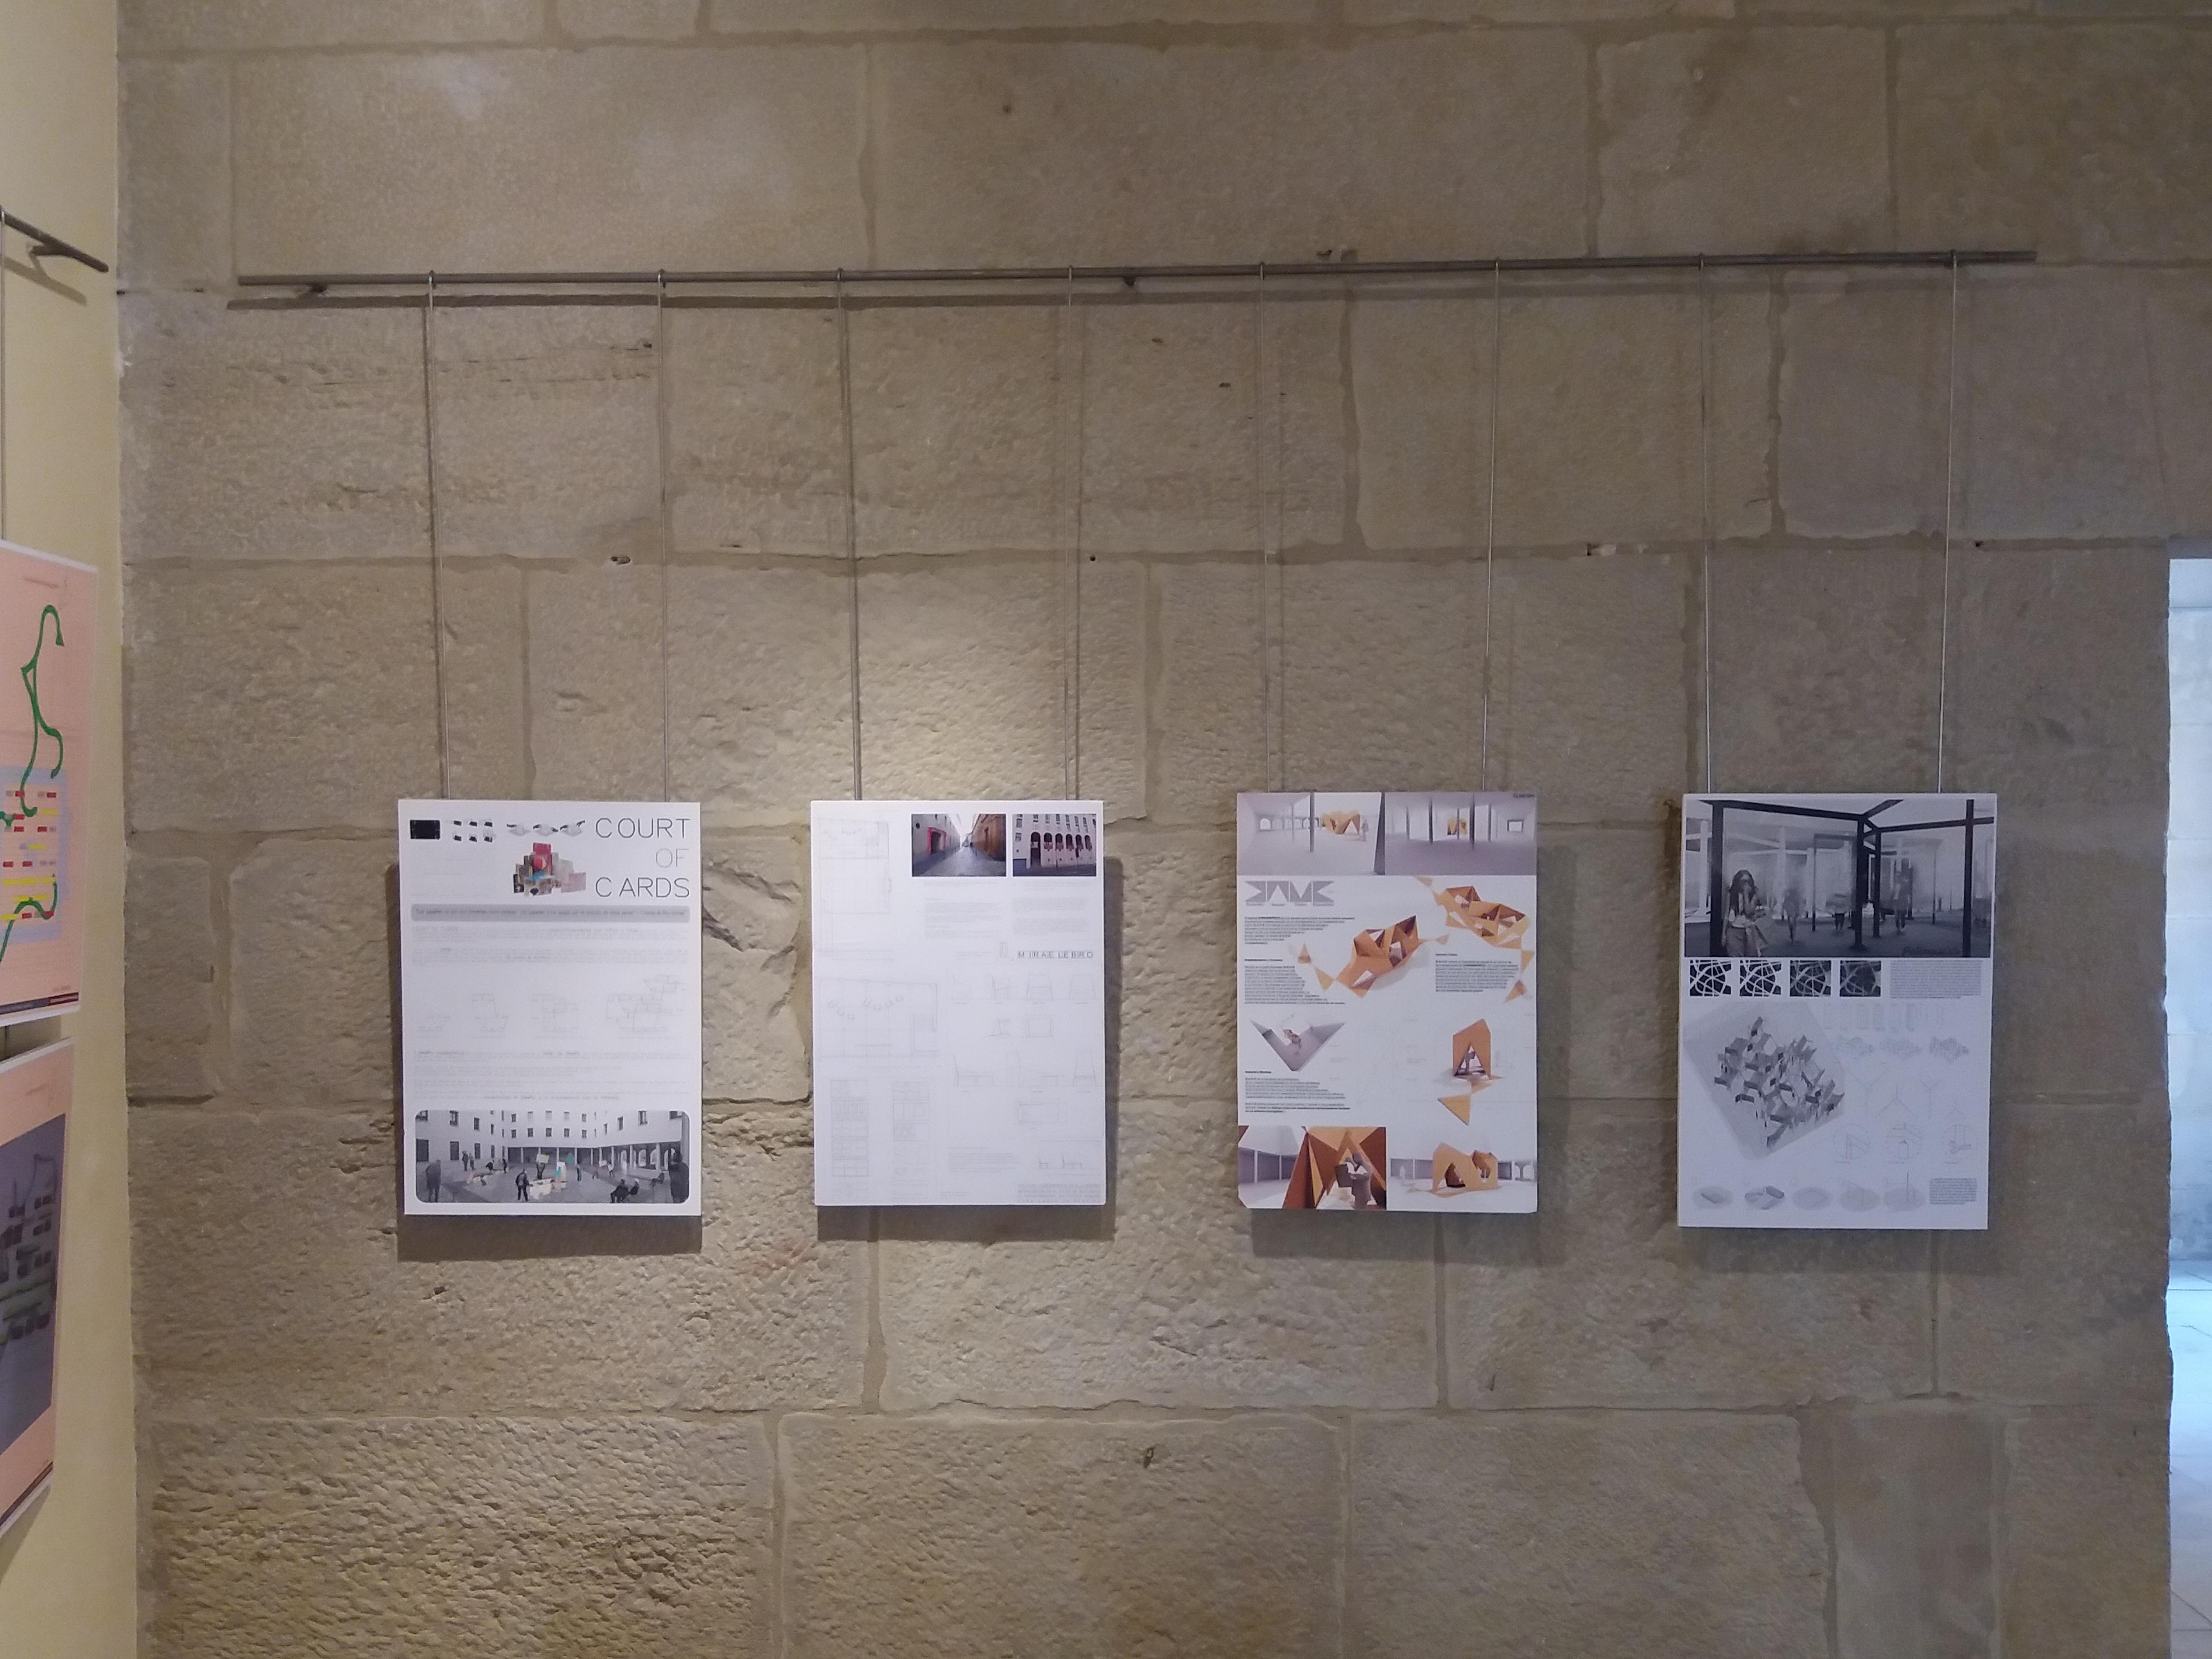 exposicion concursos concentrico fcar fundacion coar 2016 (24)